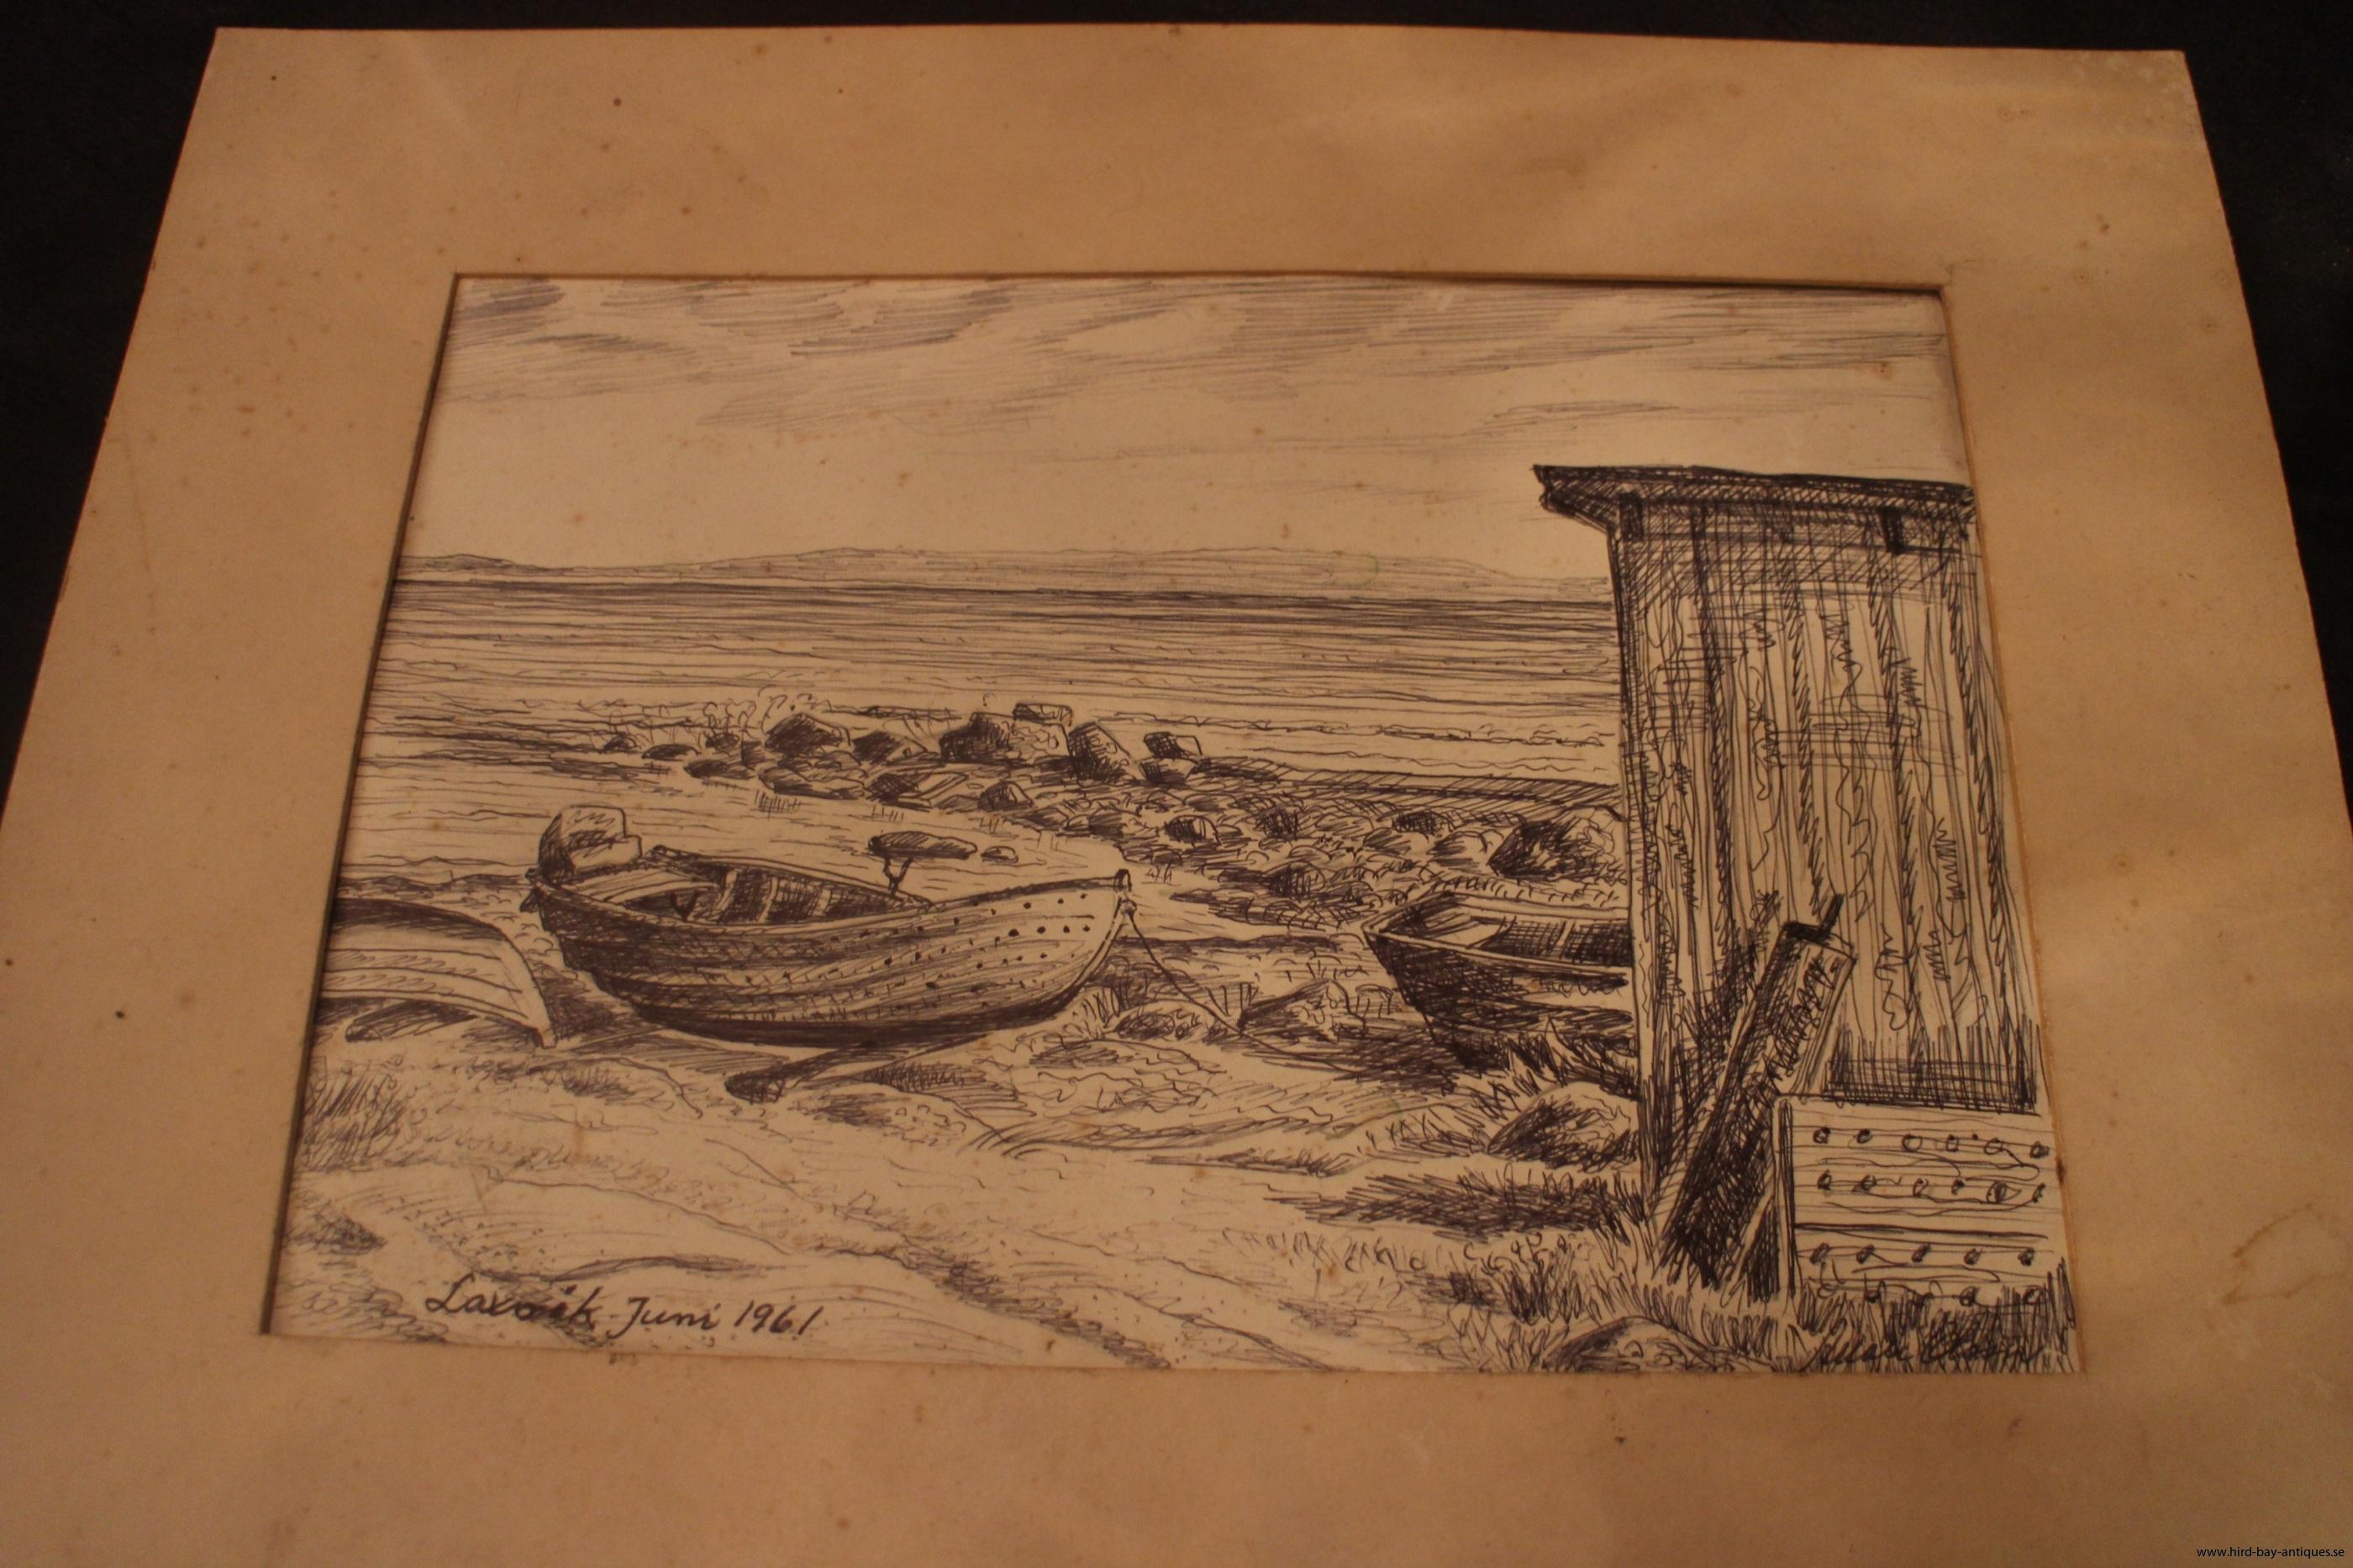 Allan Olsson Markaryd Laxvik teckning